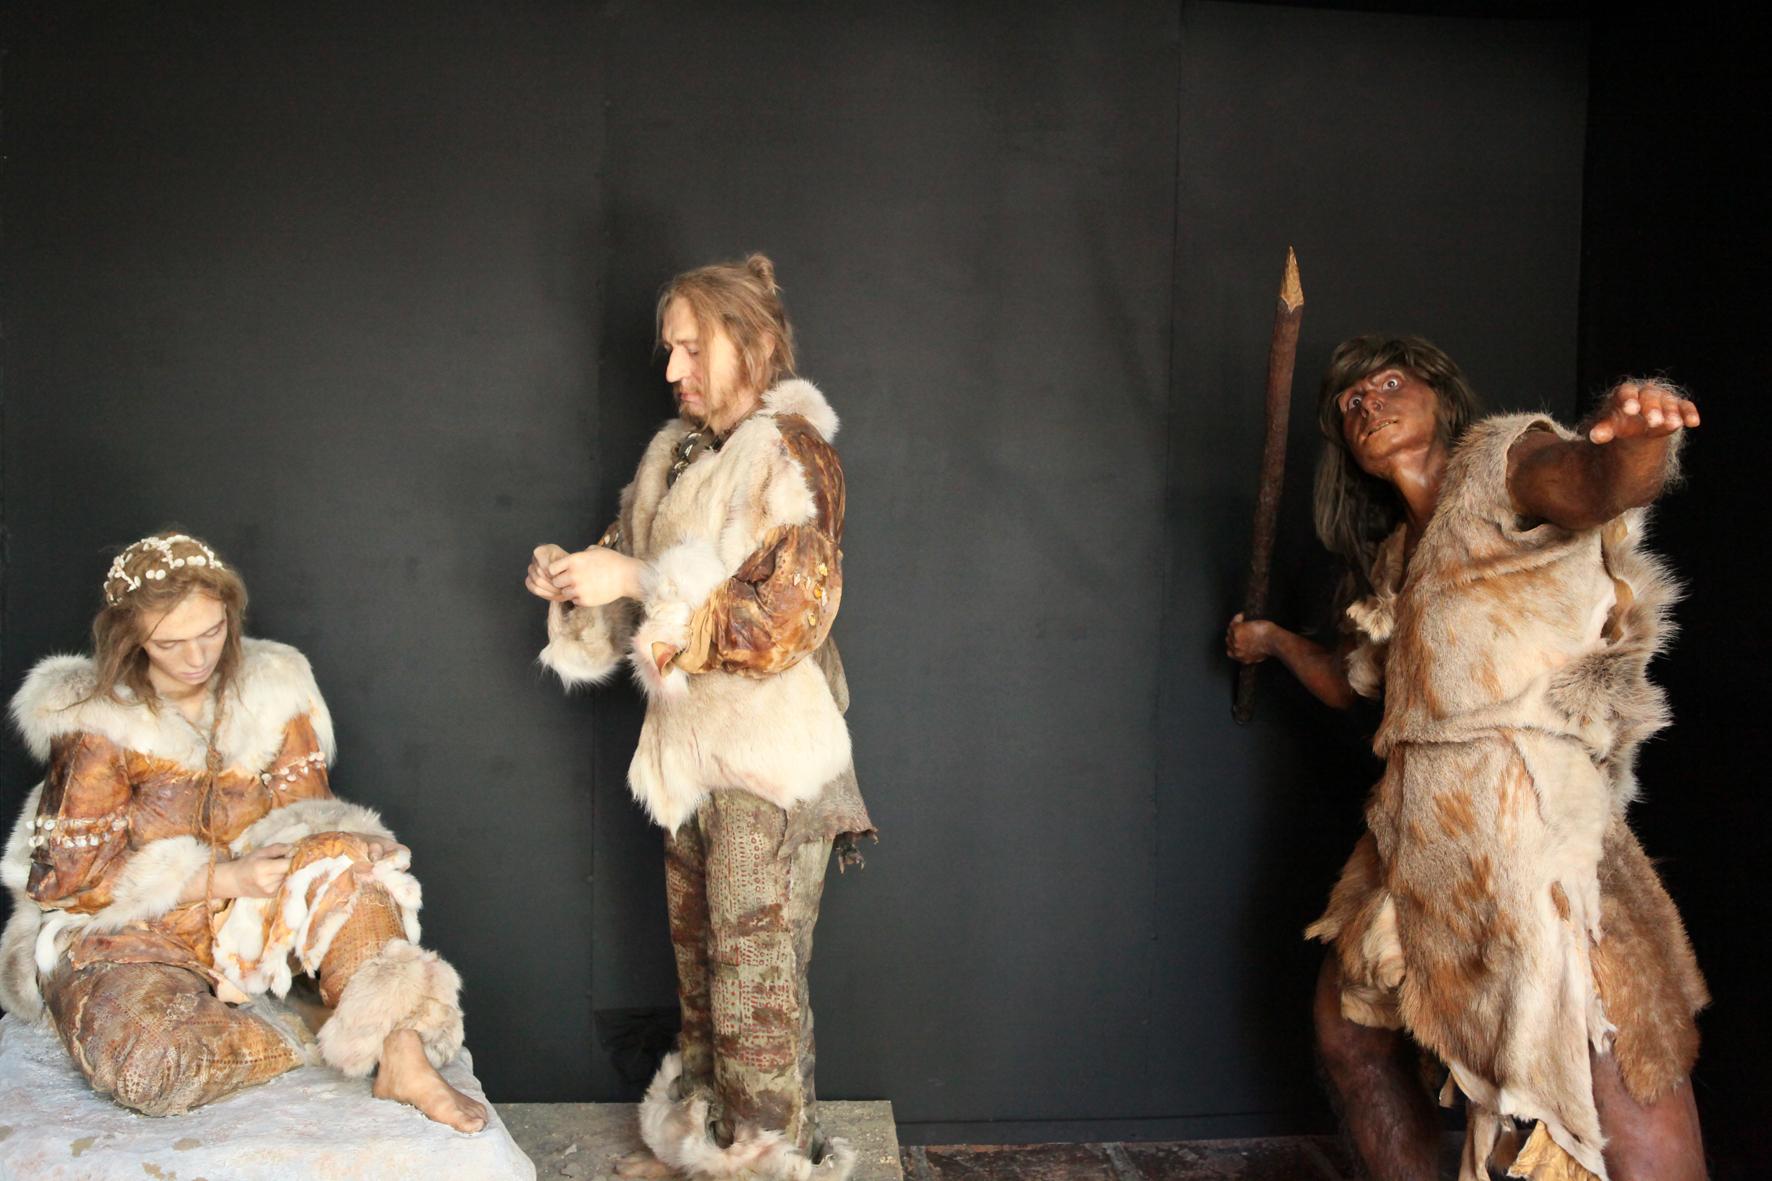 Exposition Occitanie des Origines diorama